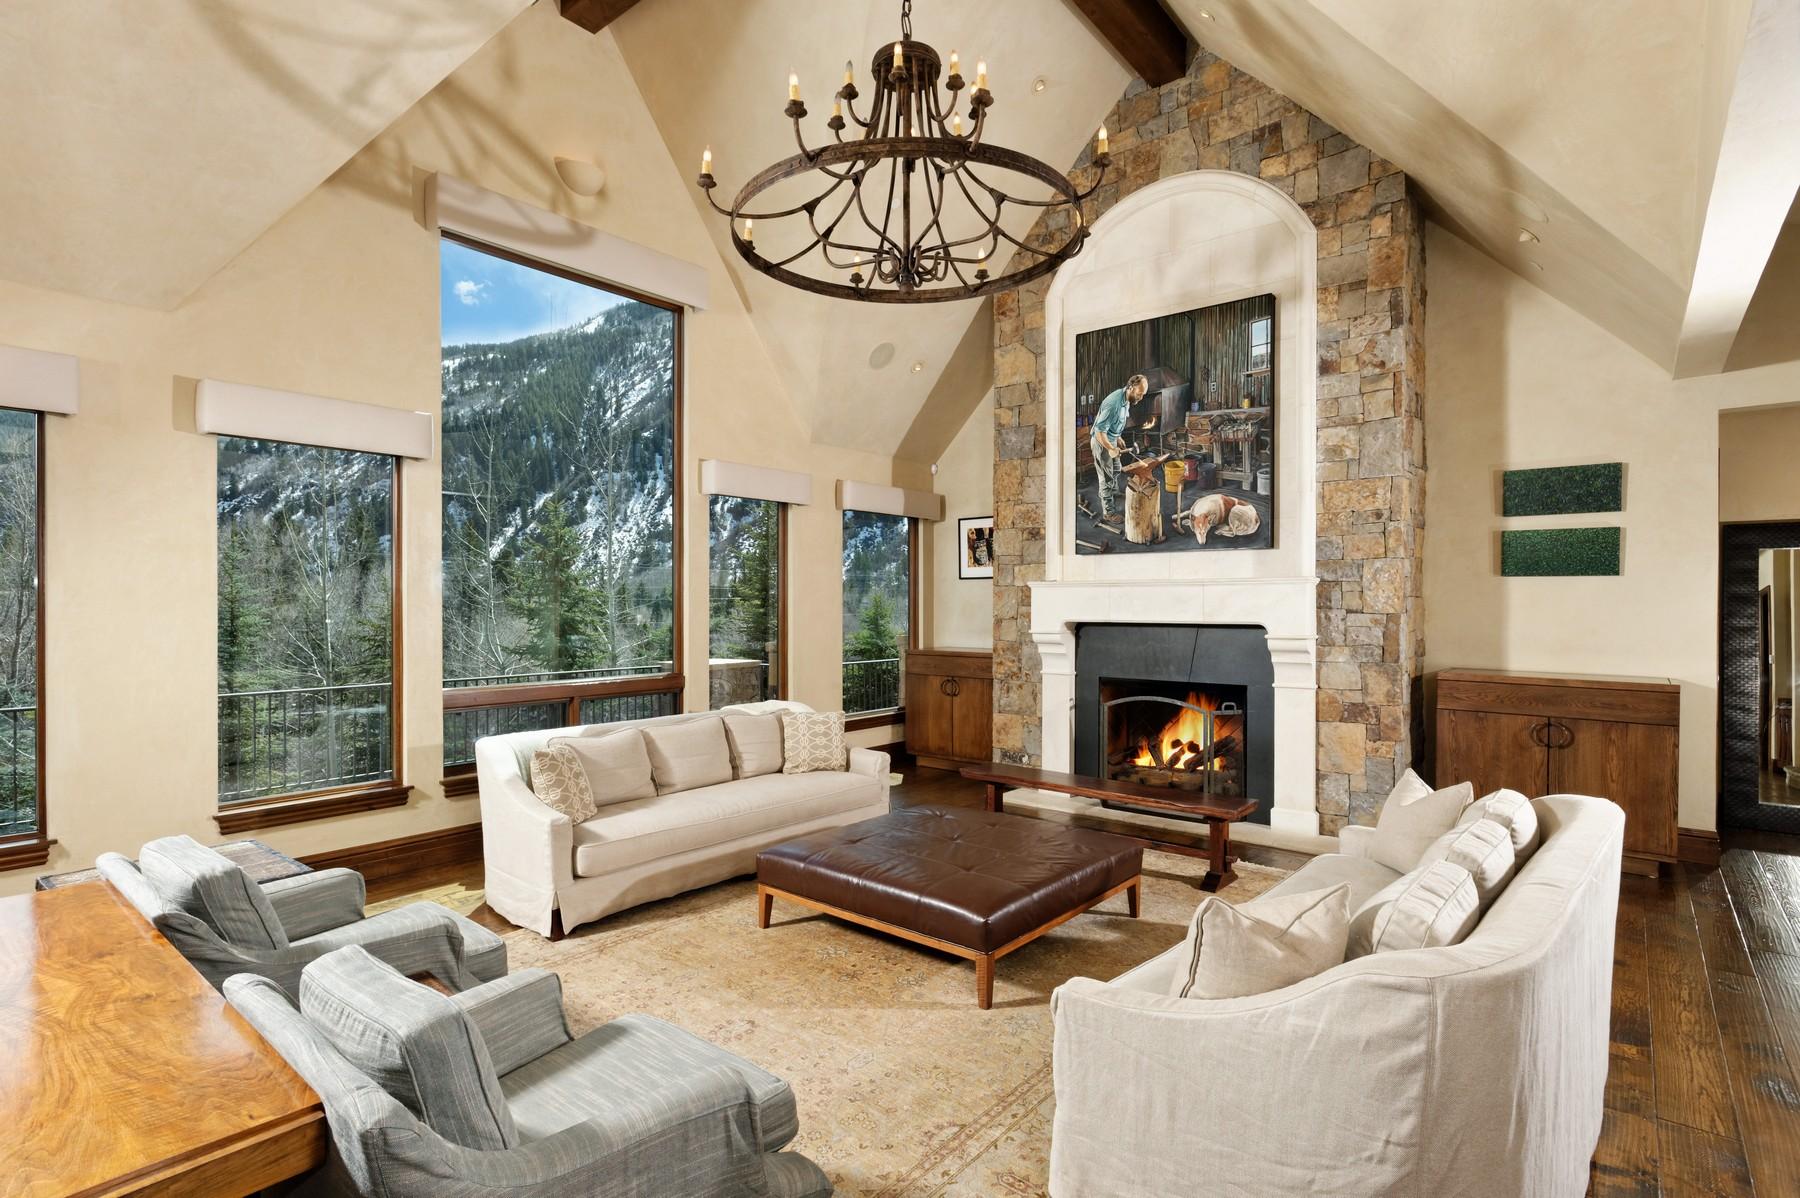 Частный односемейный дом для того Продажа на East Aspen Perfection 82 Eastwood Drive East Aspen, Aspen, Колорадо 81611 Соединенные Штаты